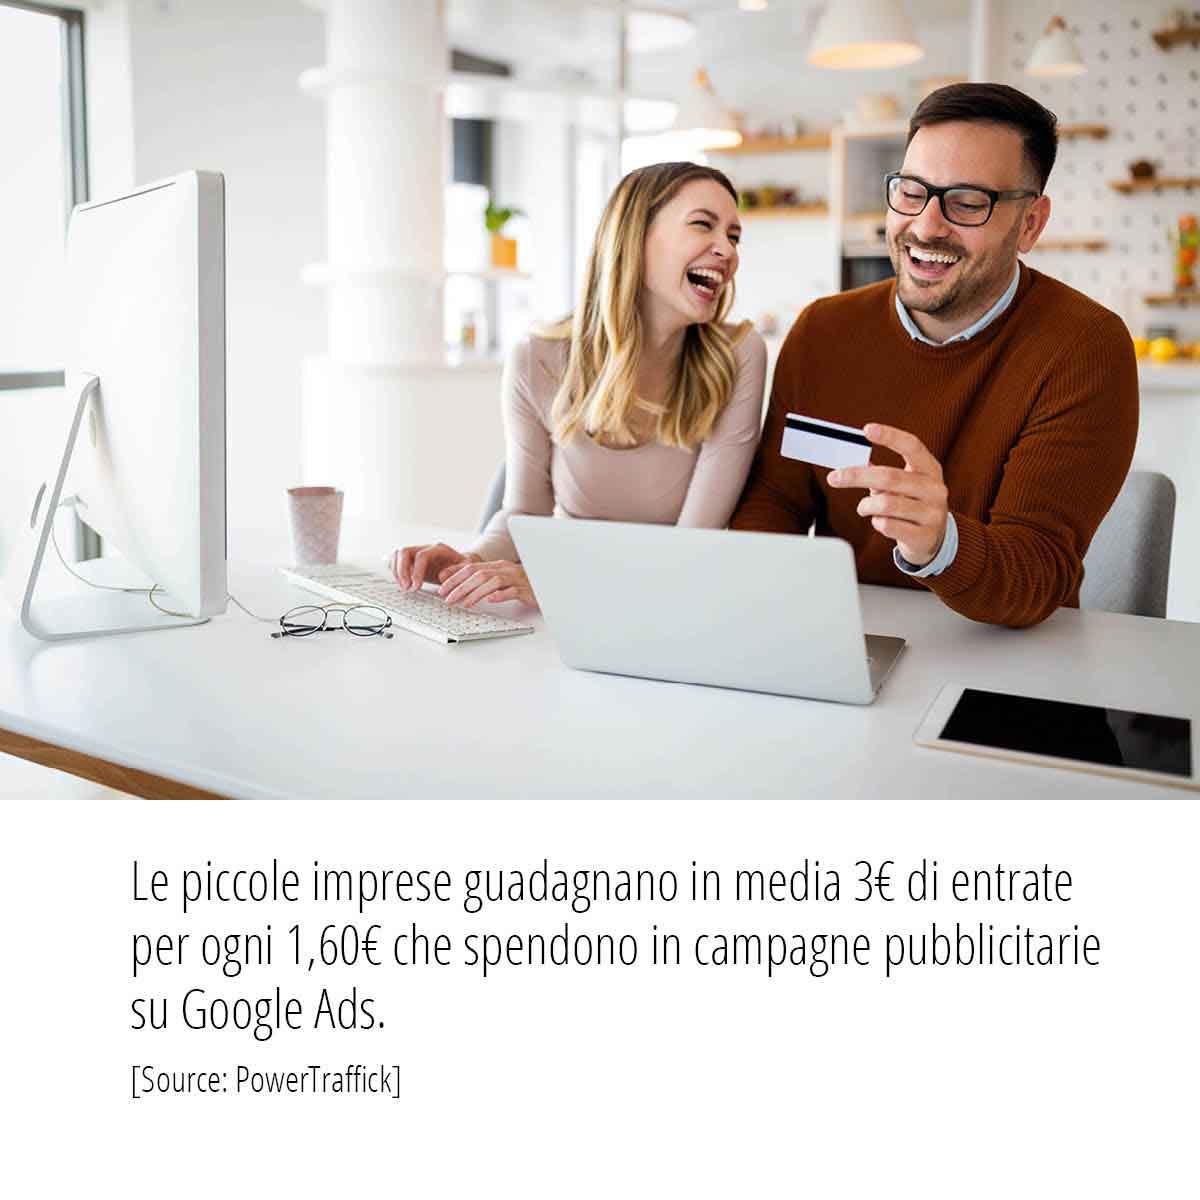 Statistica powerftraffic campagne pubblicitarie su Google Ads